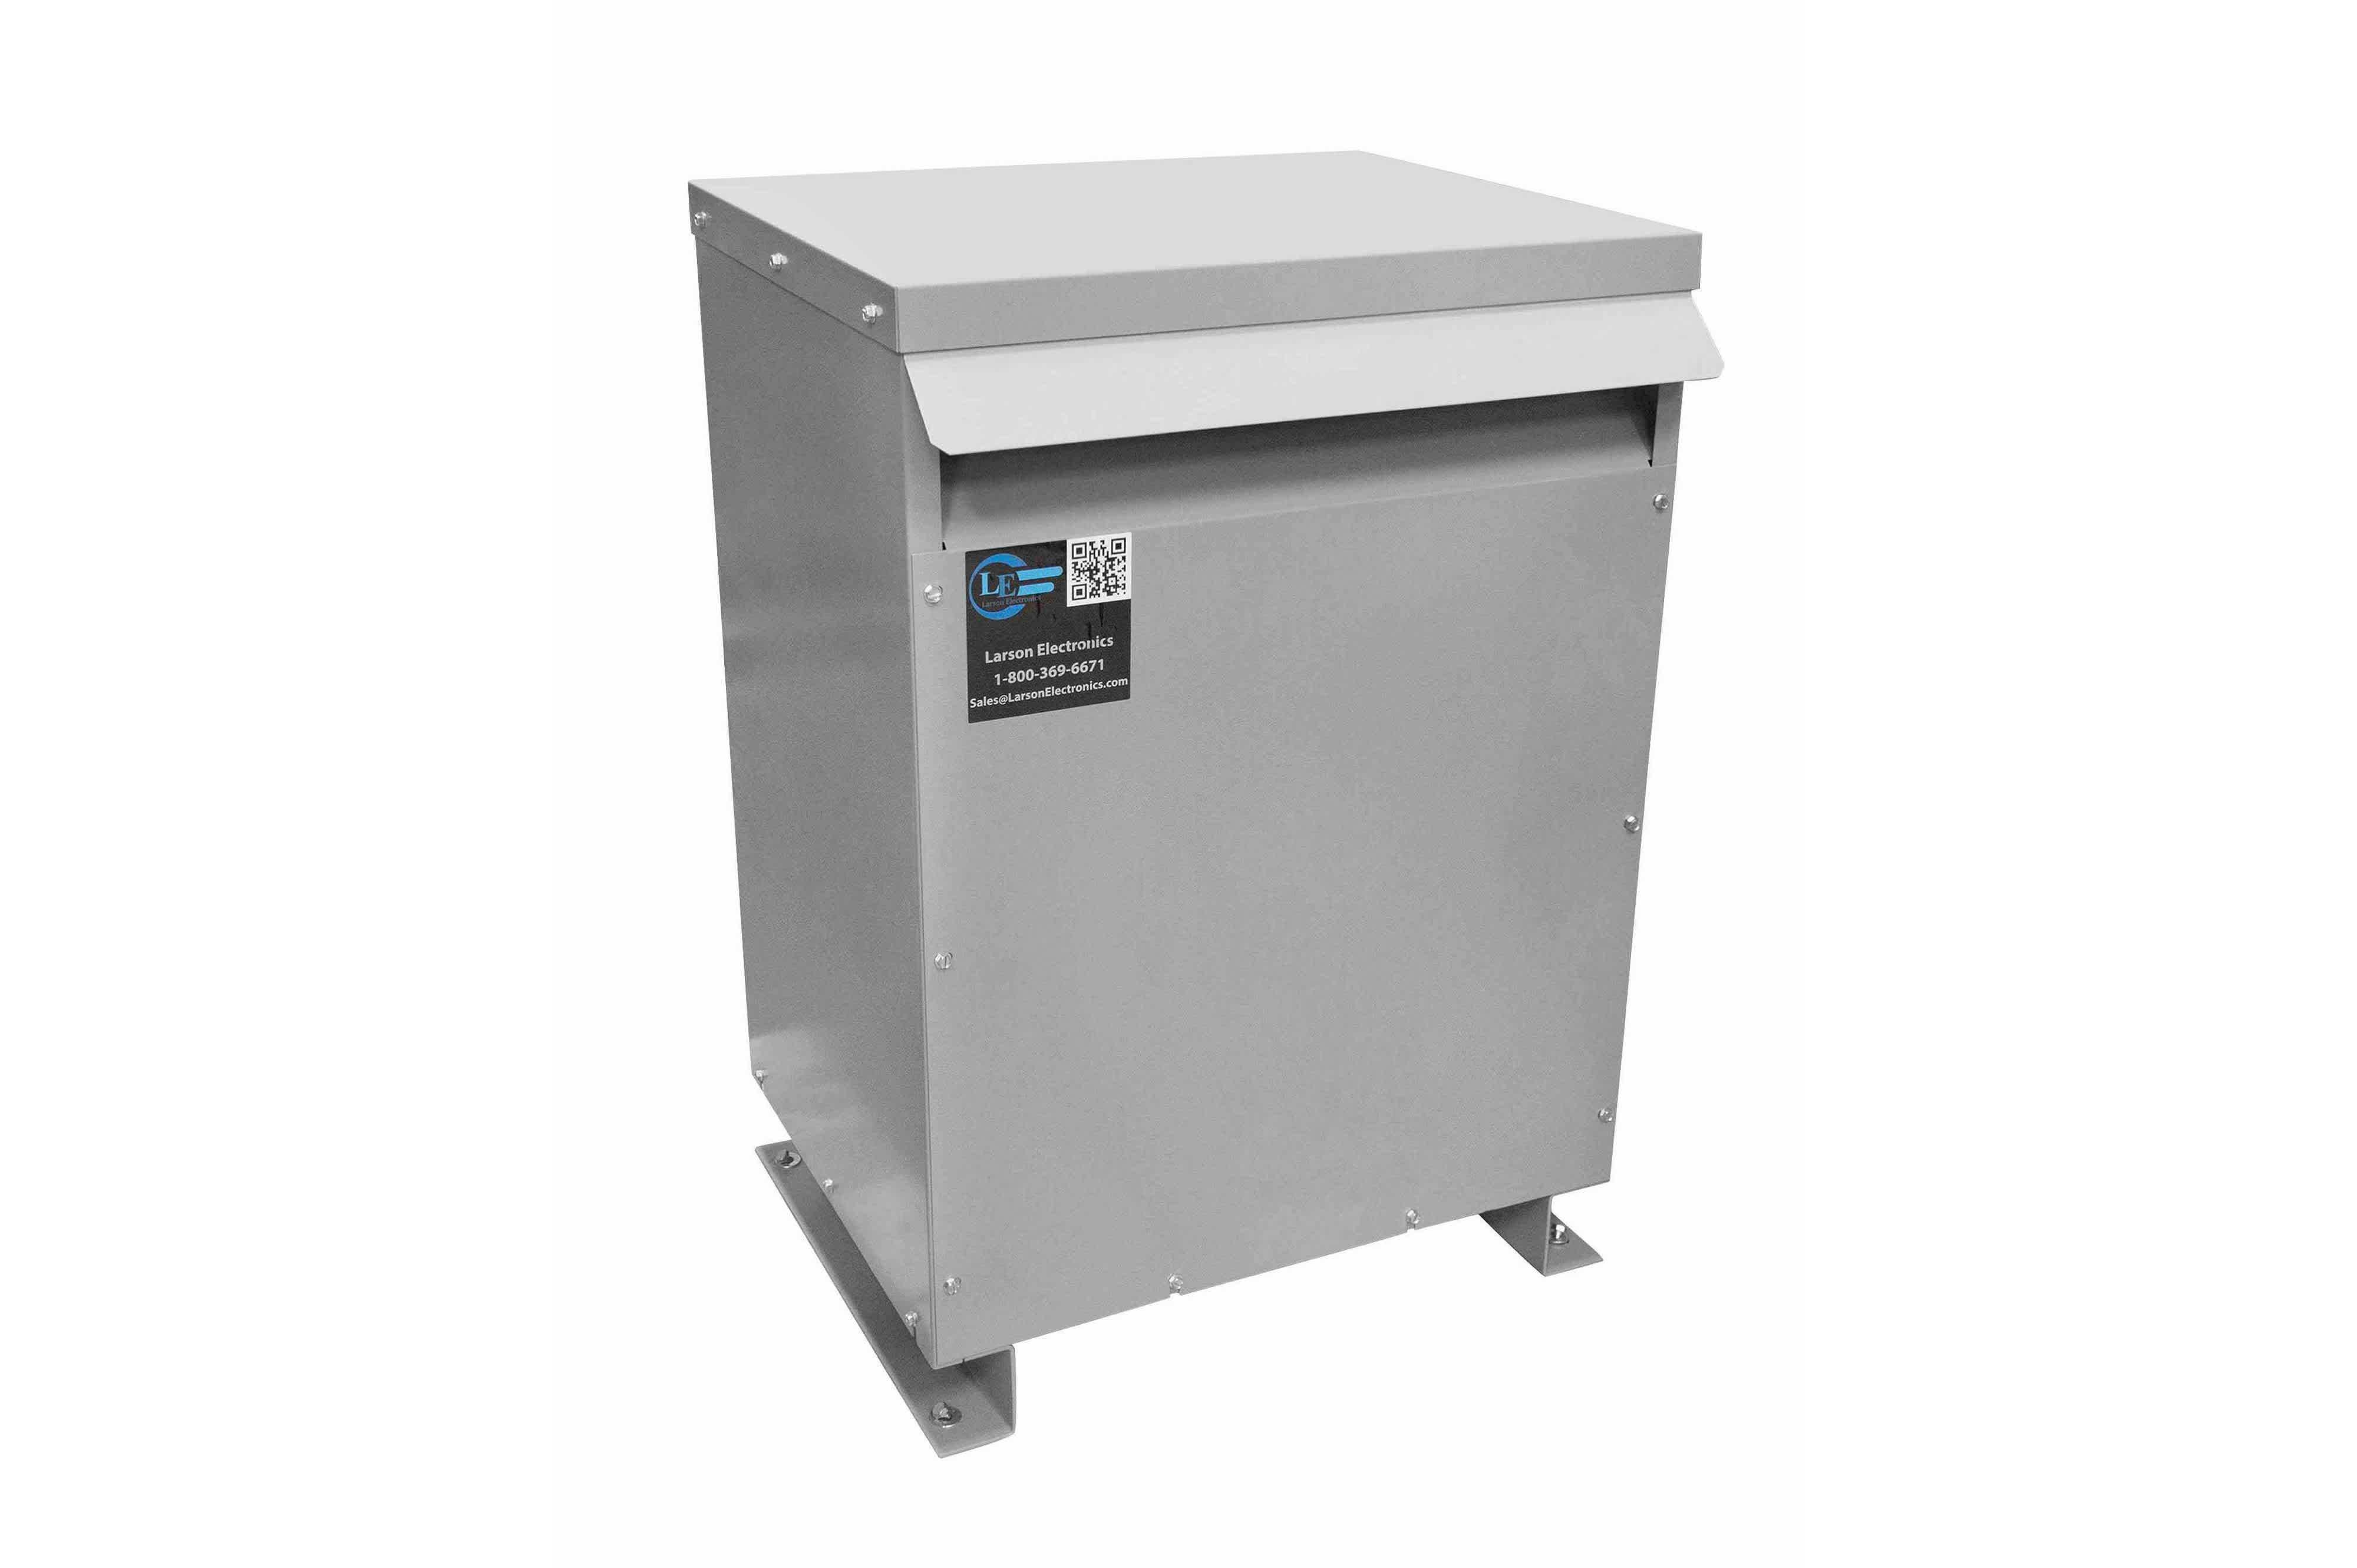 9 kVA 3PH Isolation Transformer, 380V Delta Primary, 240 Delta Secondary, N3R, Ventilated, 60 Hz